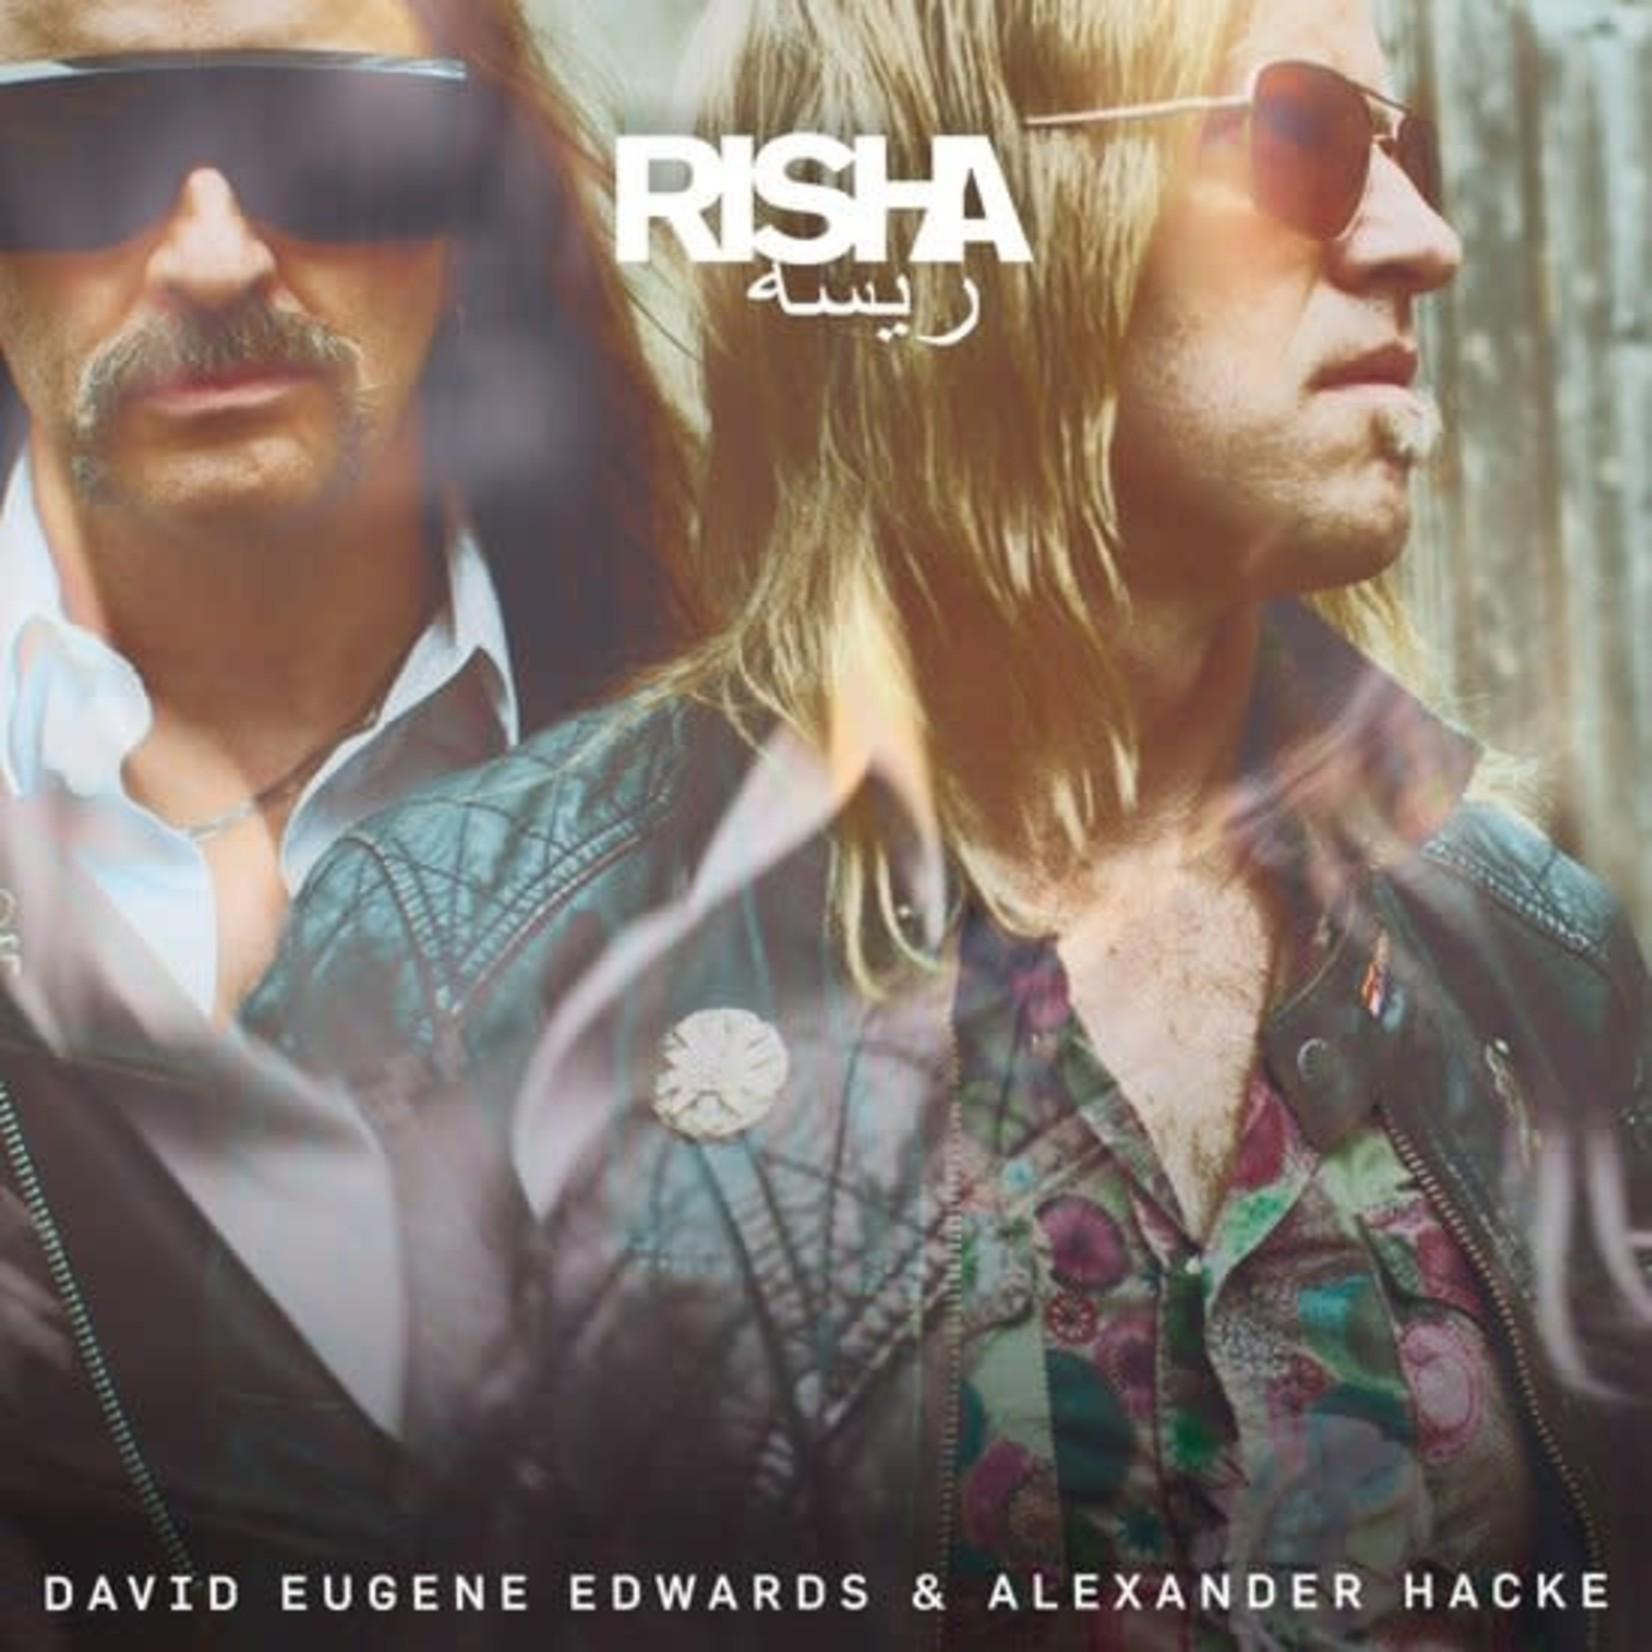 Edwards_ David Eugene -  Risha -Coloured-   (VINYL)